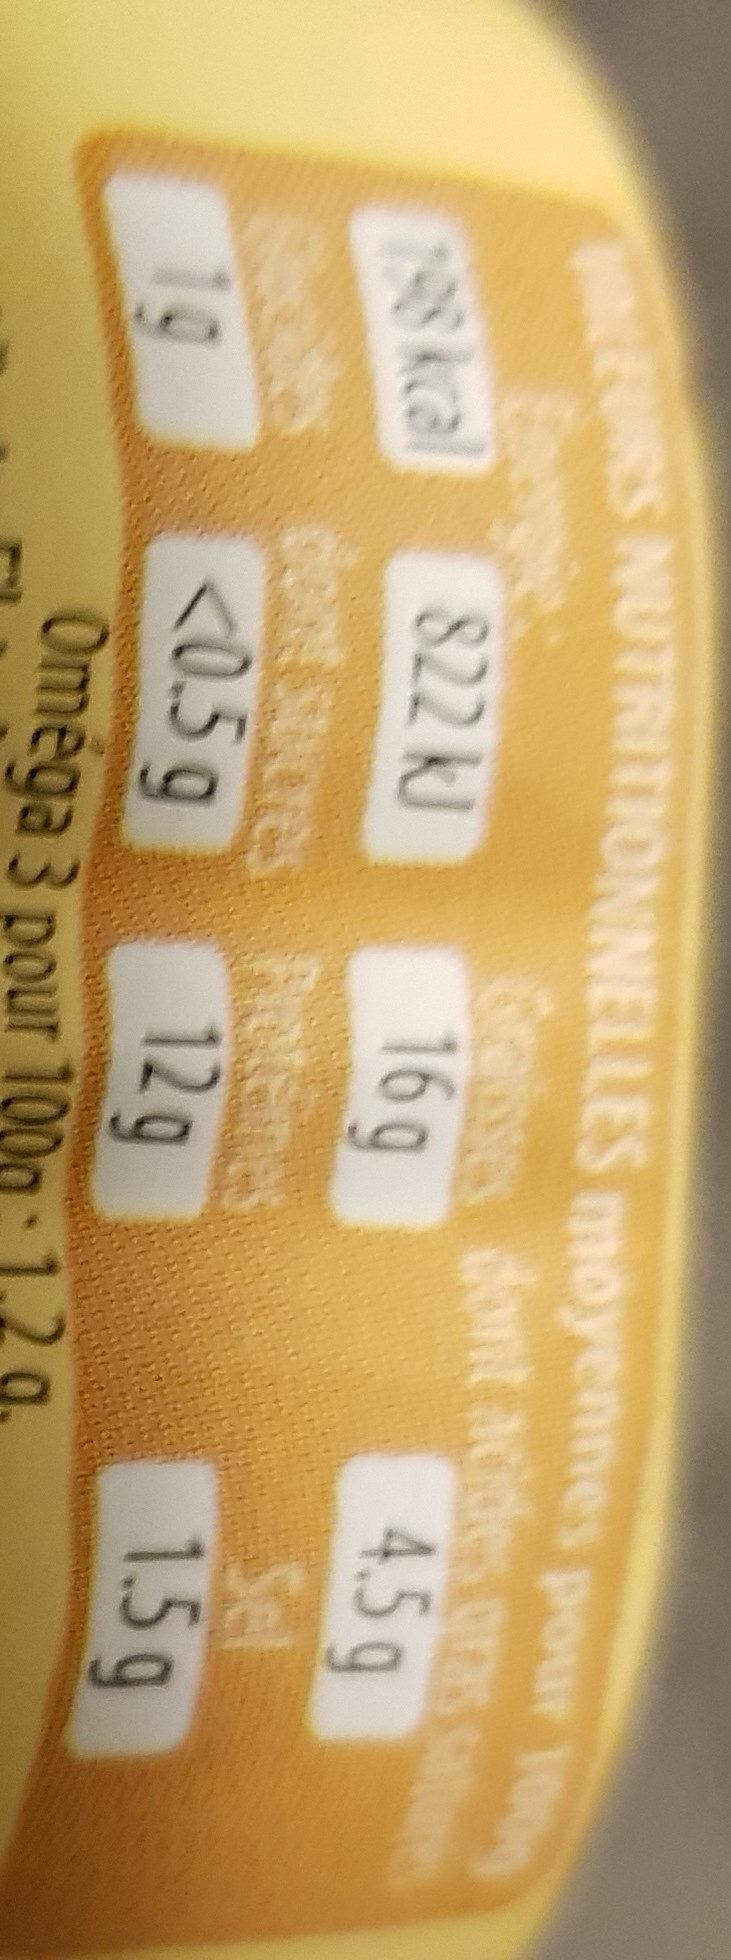 filets de maquereaux sauce crème moutarde - Informations nutritionnelles - fr